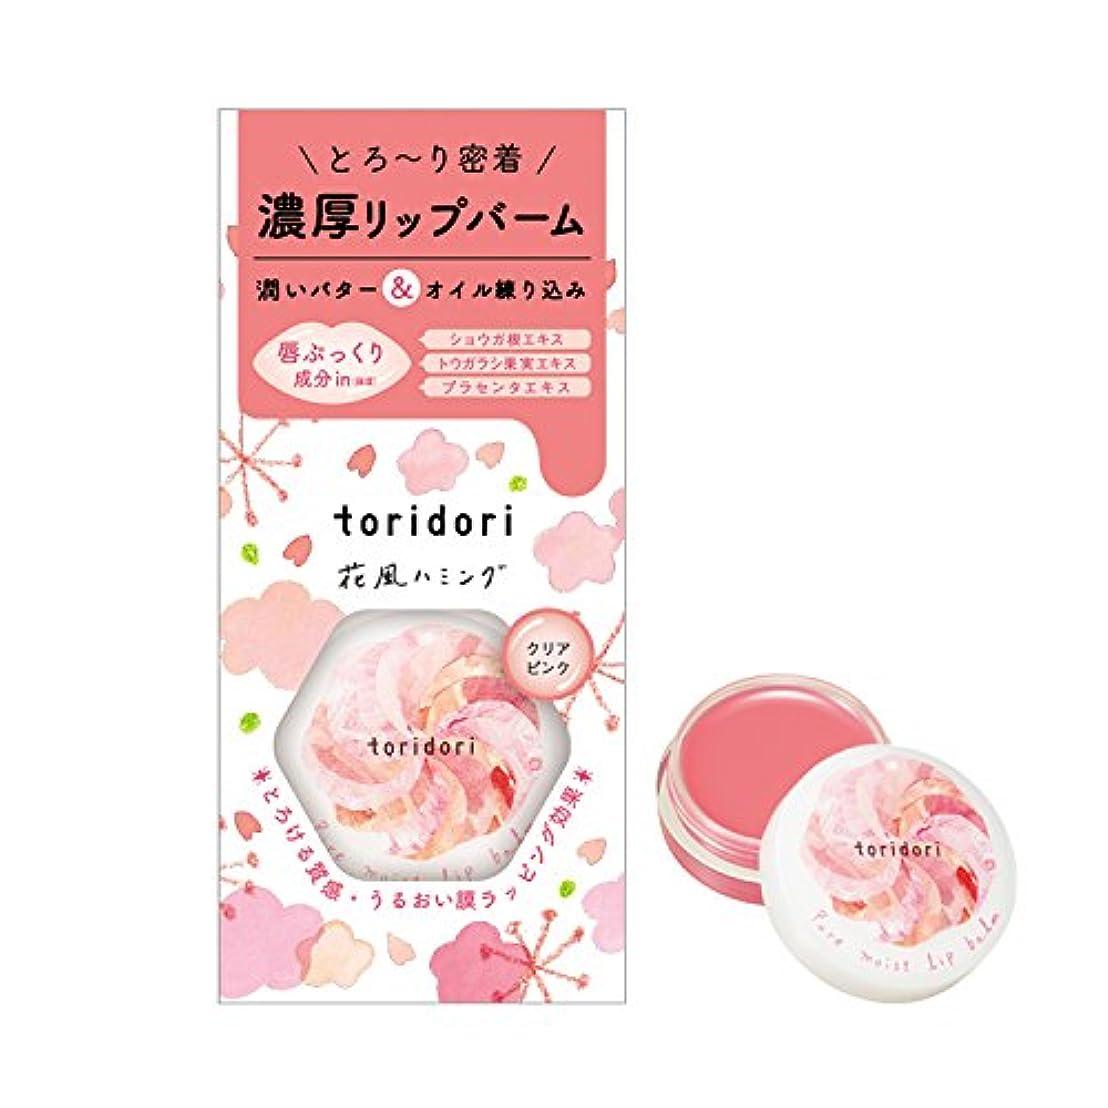 toridori(トリドリ) ピュアモイスト_リップバーム_(リップ美容液 )_7g (花風ハミング:ふんわり甘いお花の香り)